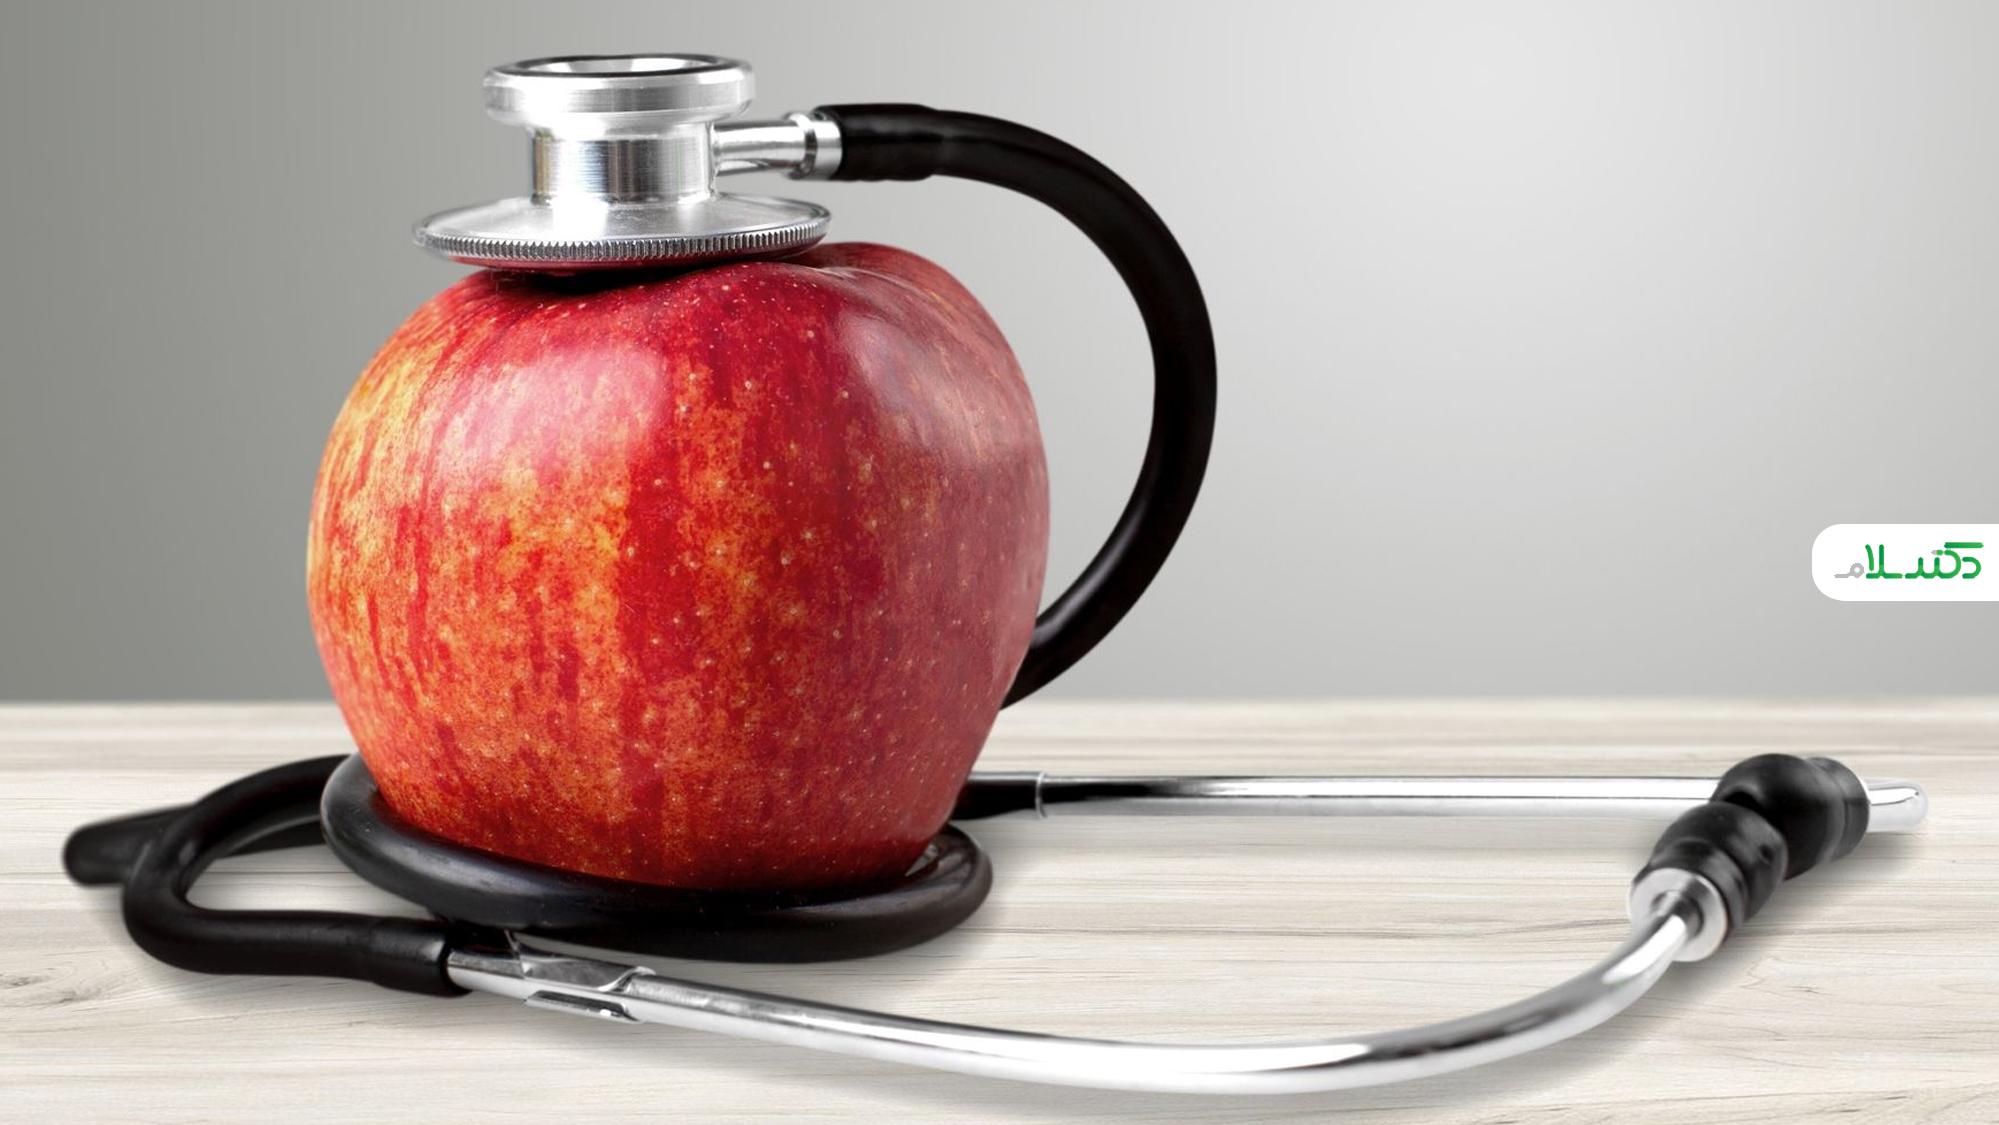 آیا سیب برای بیماران دیابتی مضر است؟